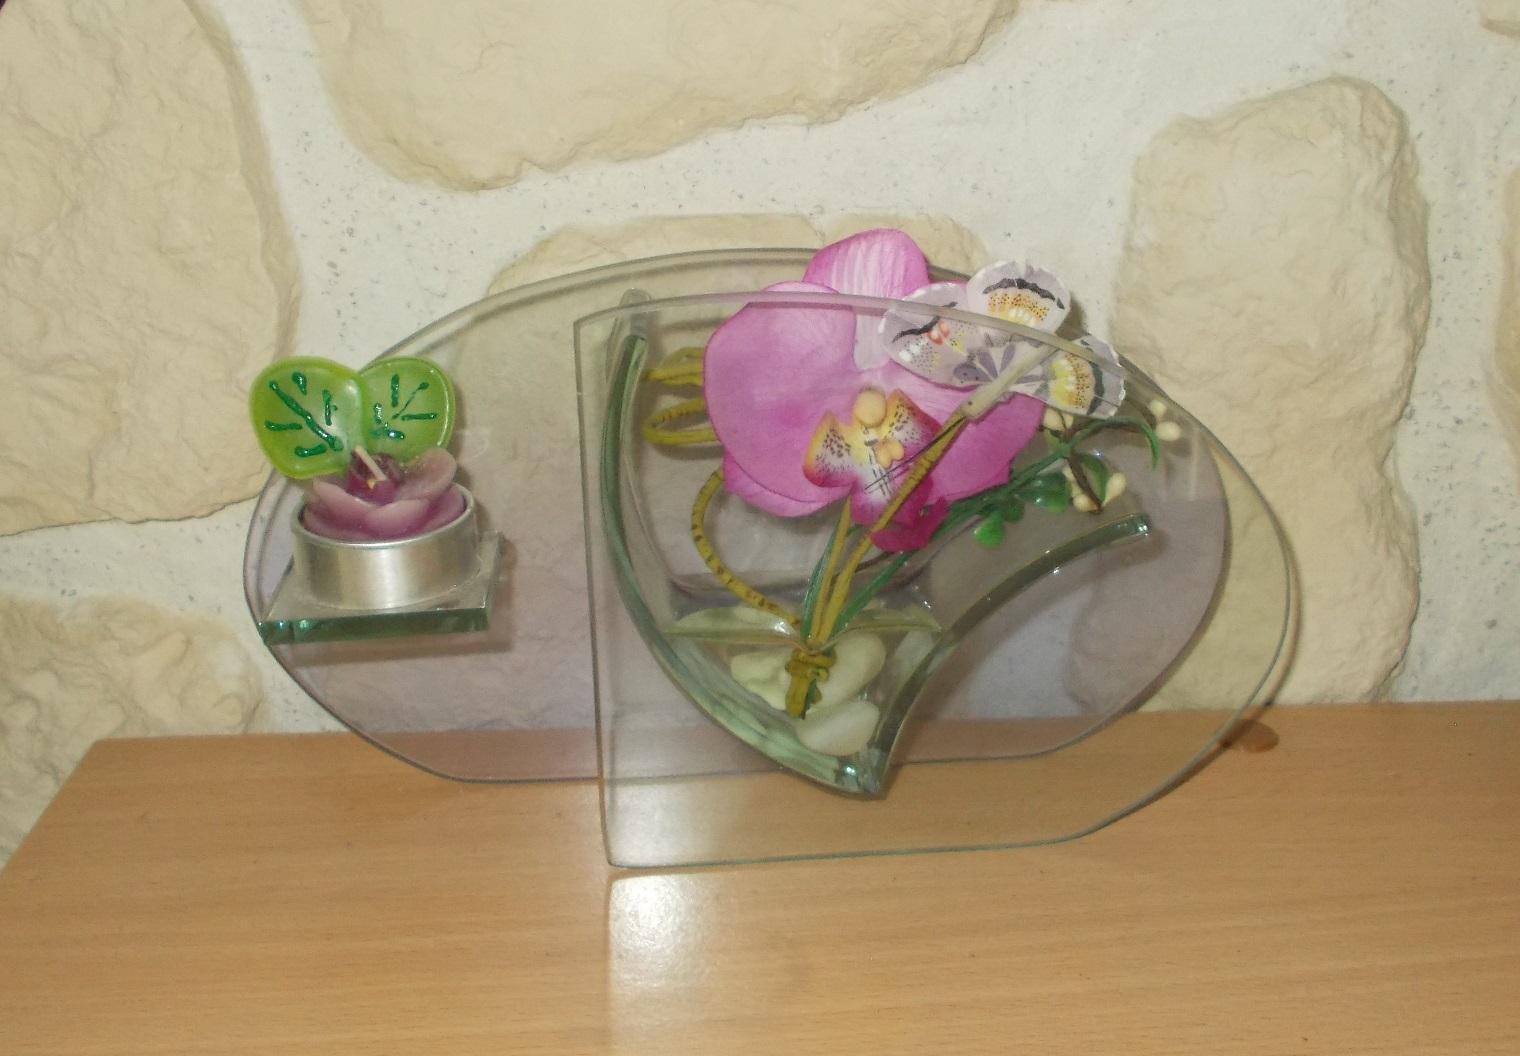 troc de troc décoration orchidée image 1